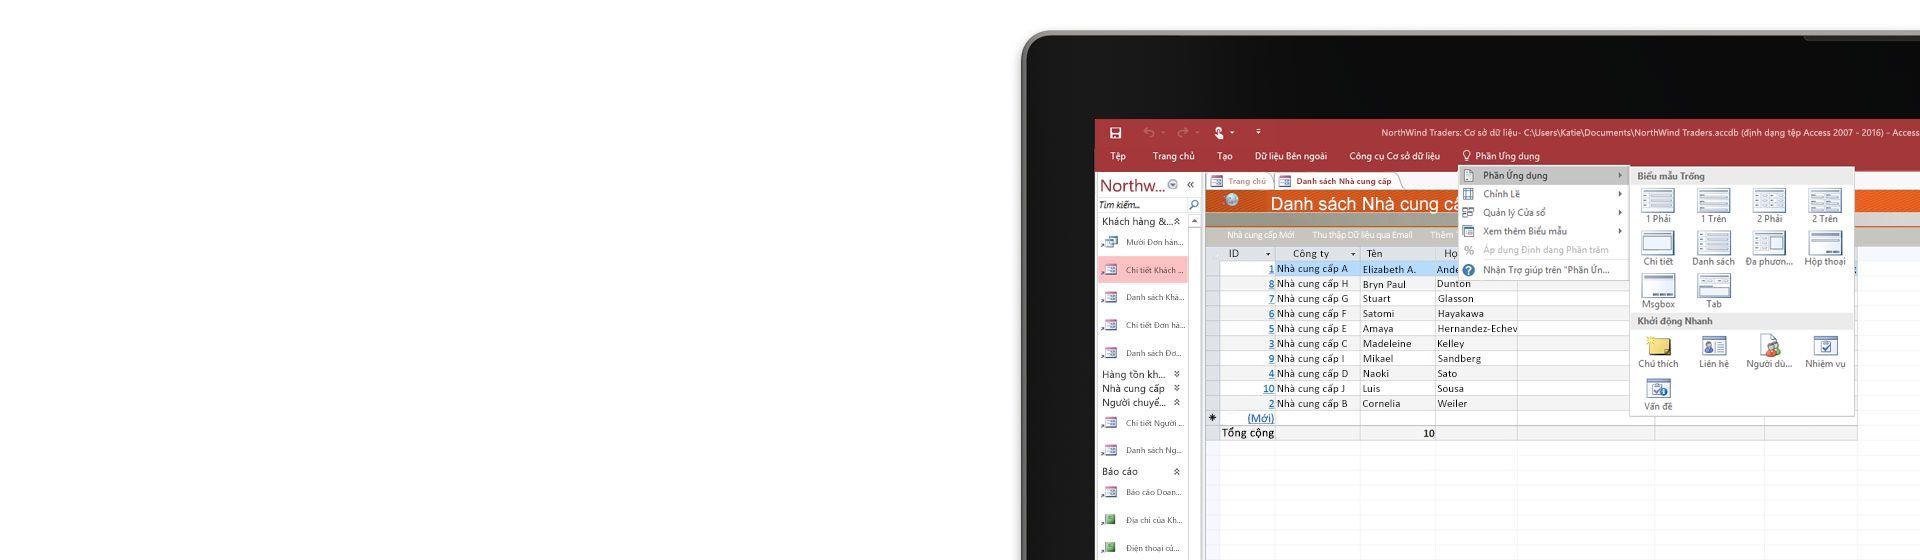 Góc màn hình máy tính đang hiển thị một danh sách nhà cung cấp ở cơ sở dữ liệu trong Microsoft Access.